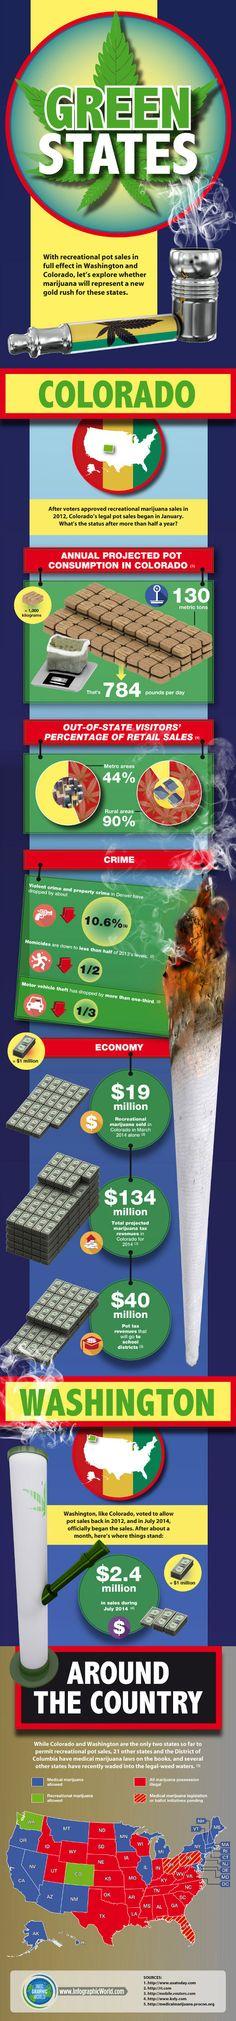 http://fluctuat.premiere.fr/Societe/News/La-legalisation-du-cannabis-aux-Etats-Unis-en-une-infographie-4056733